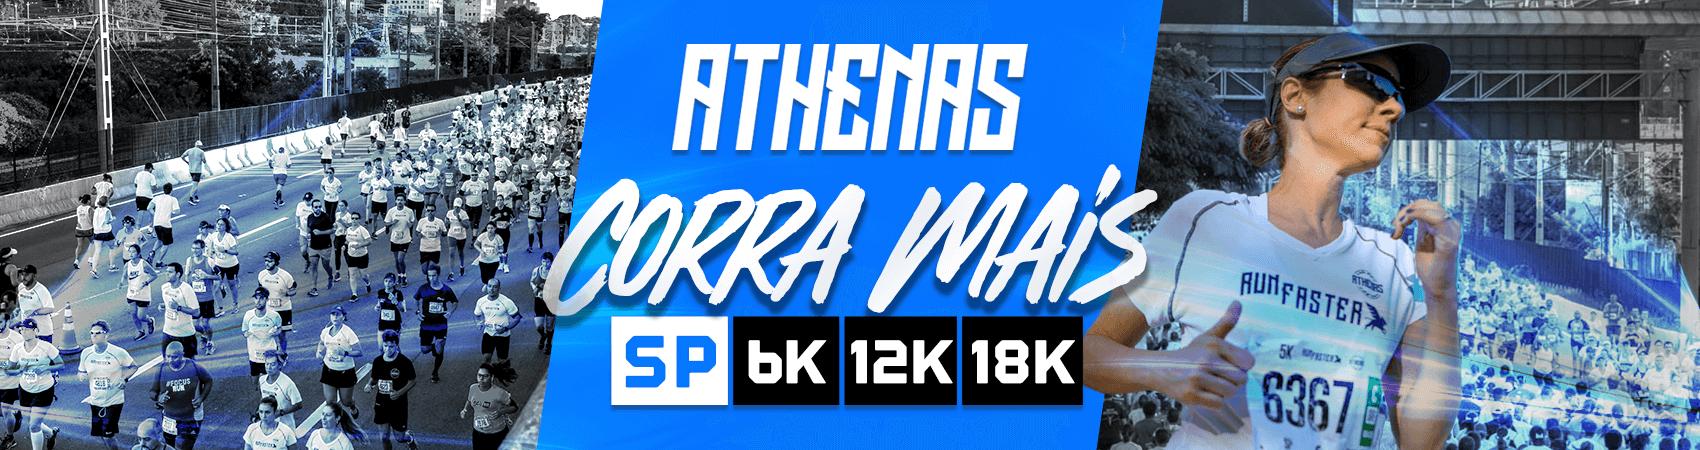 Athenas 18K SP 2018 - Imagem de topo